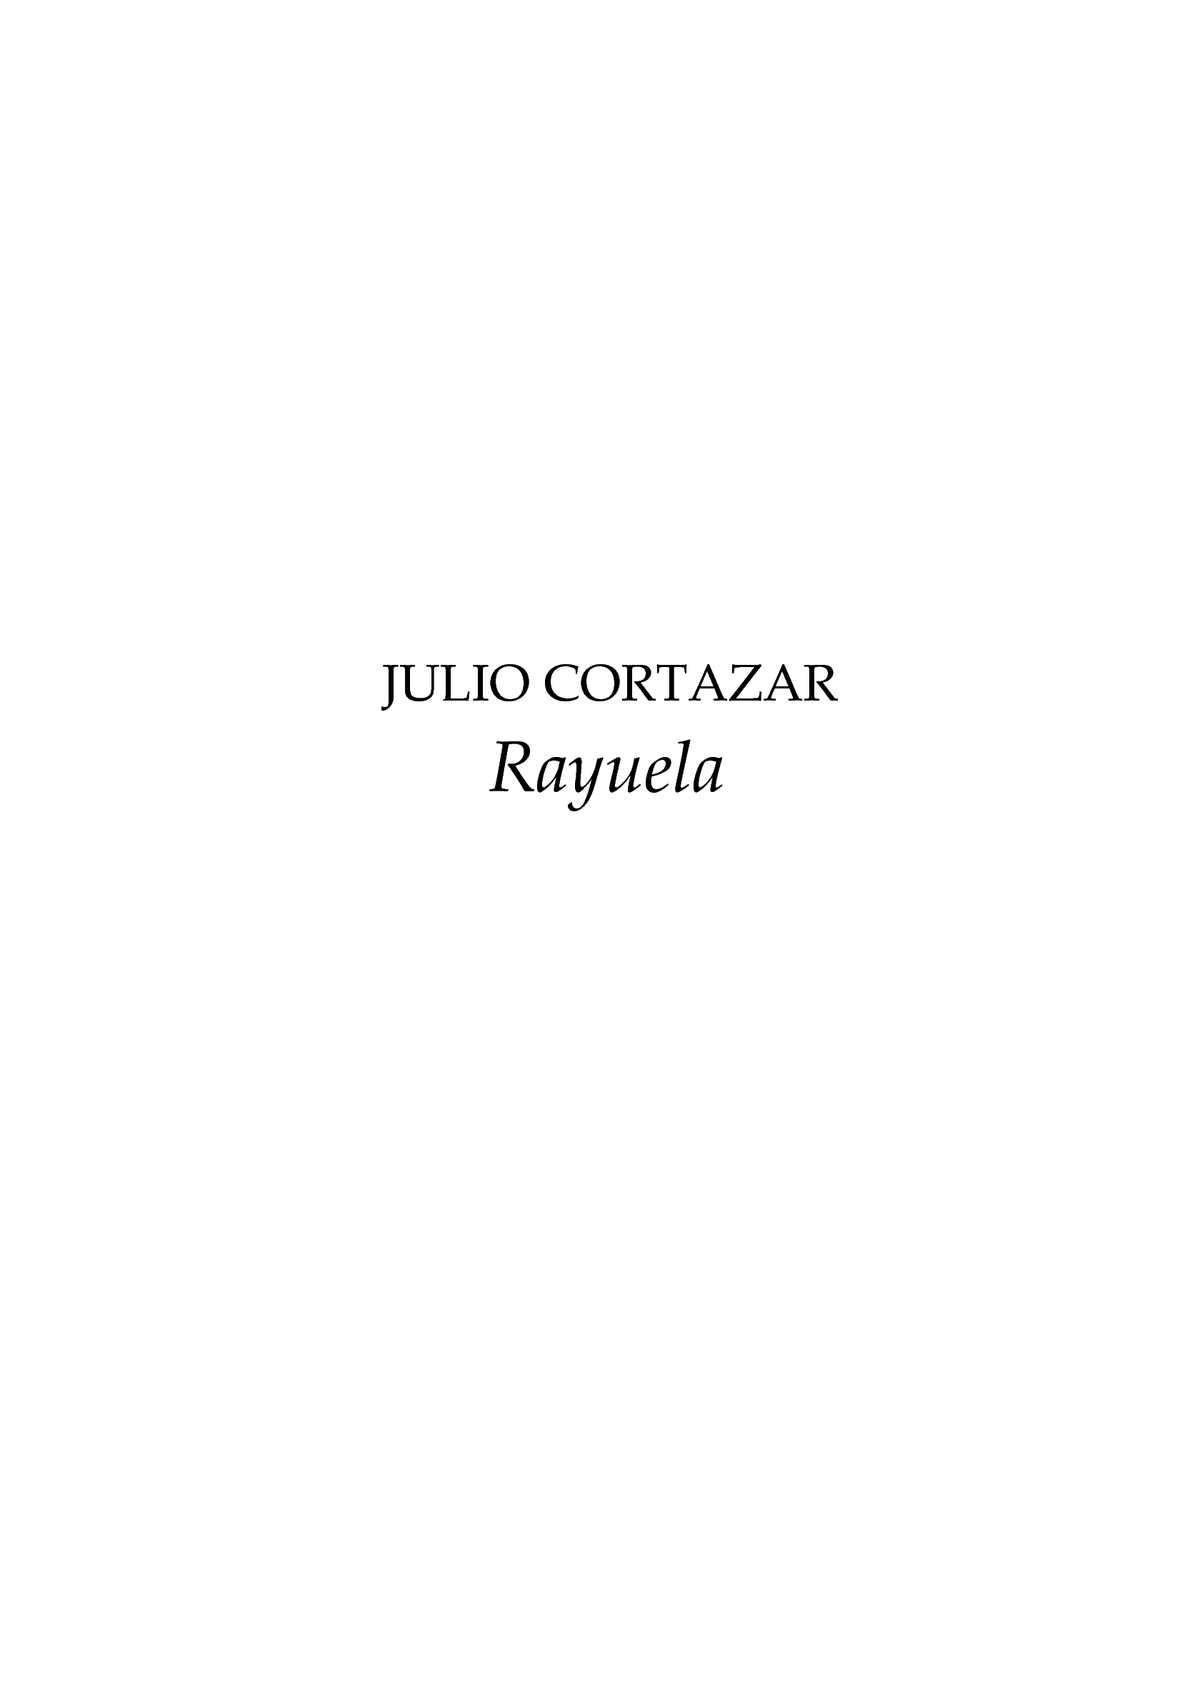 Calaméo - Rayuela. Julio Cortázar 891b5a03eed